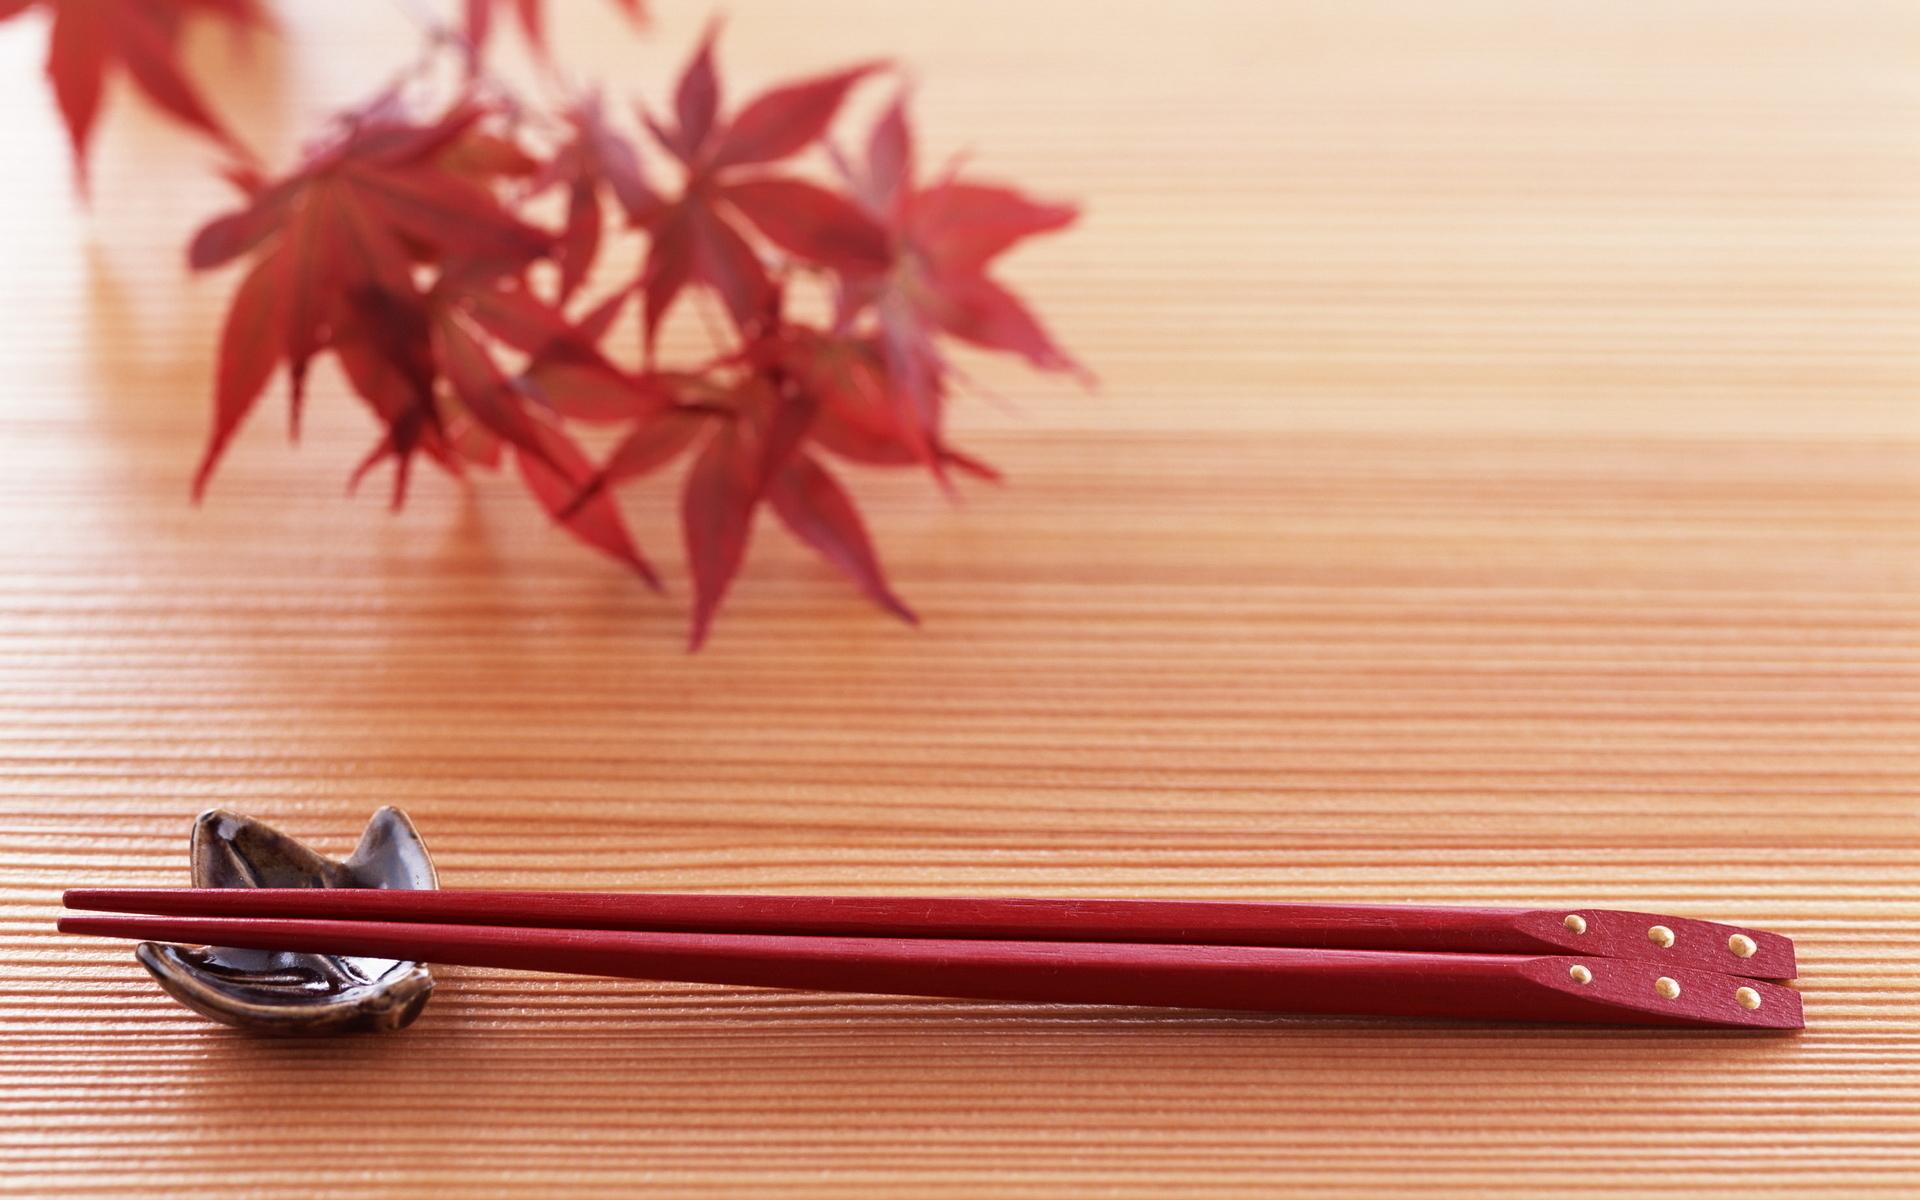 Chopsticks Wallpaper